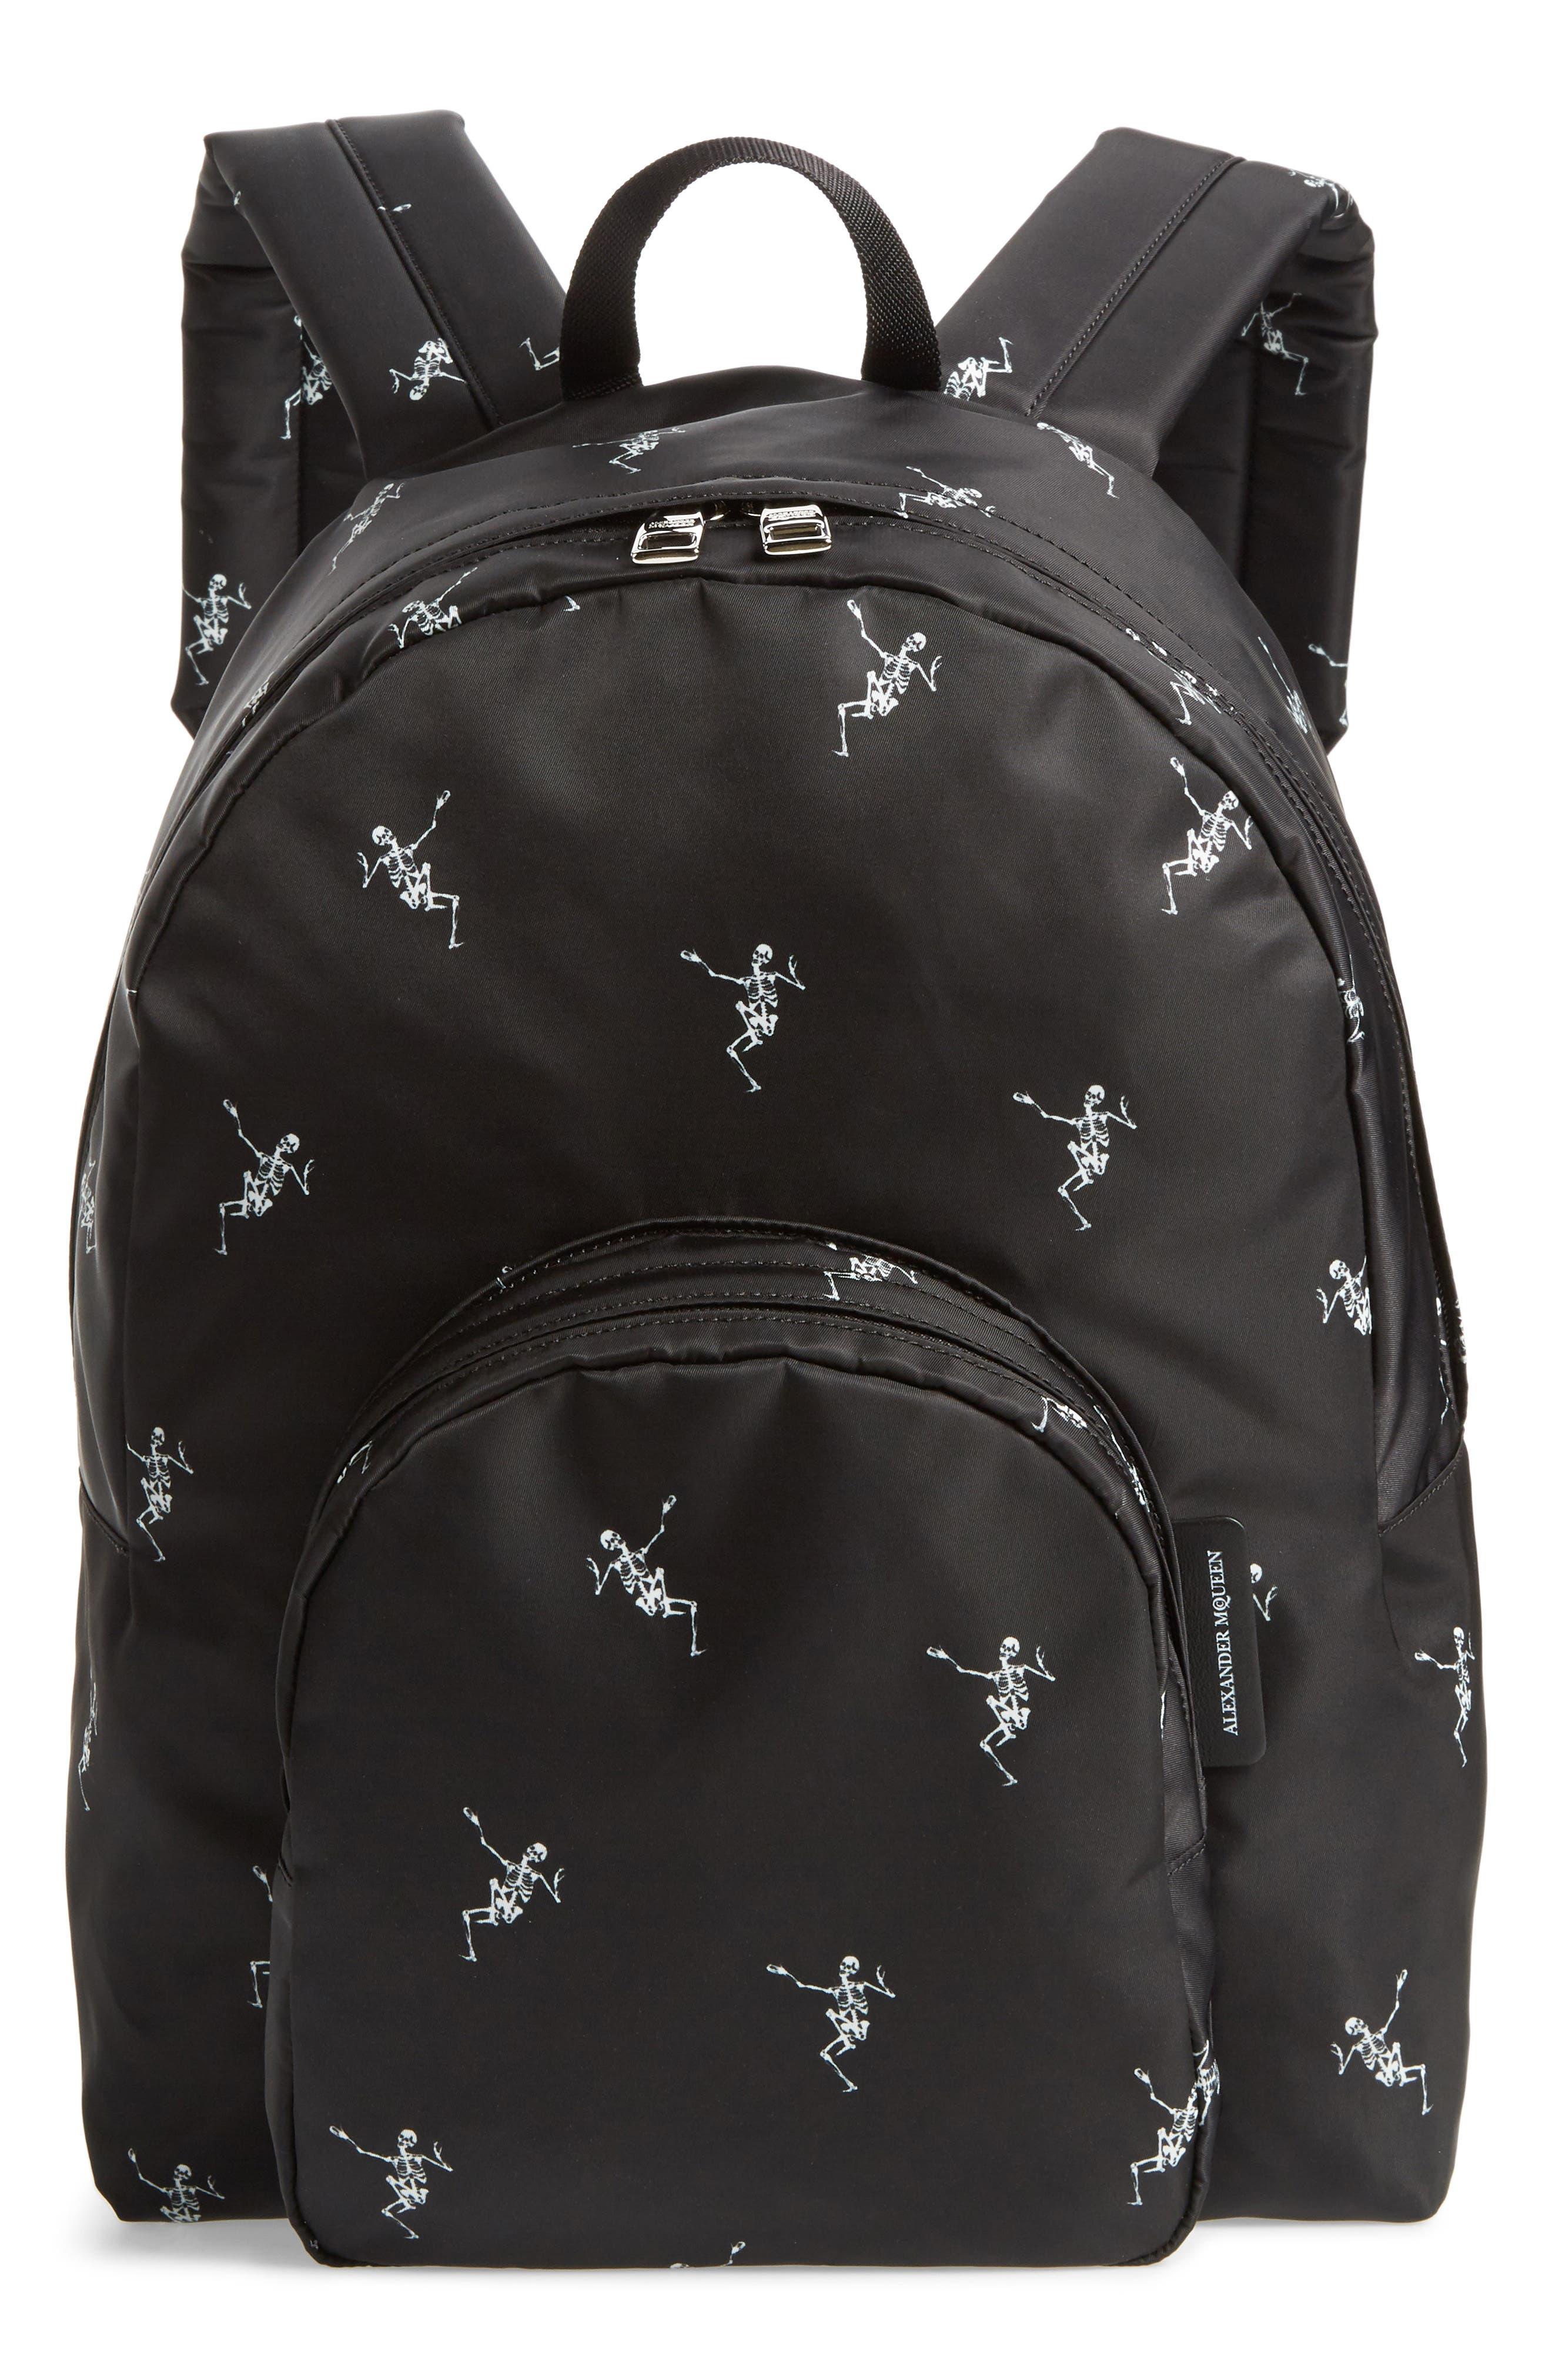 Dancing Skeleton Backpack,                         Main,                         color, BLACK/ OFF WHITE